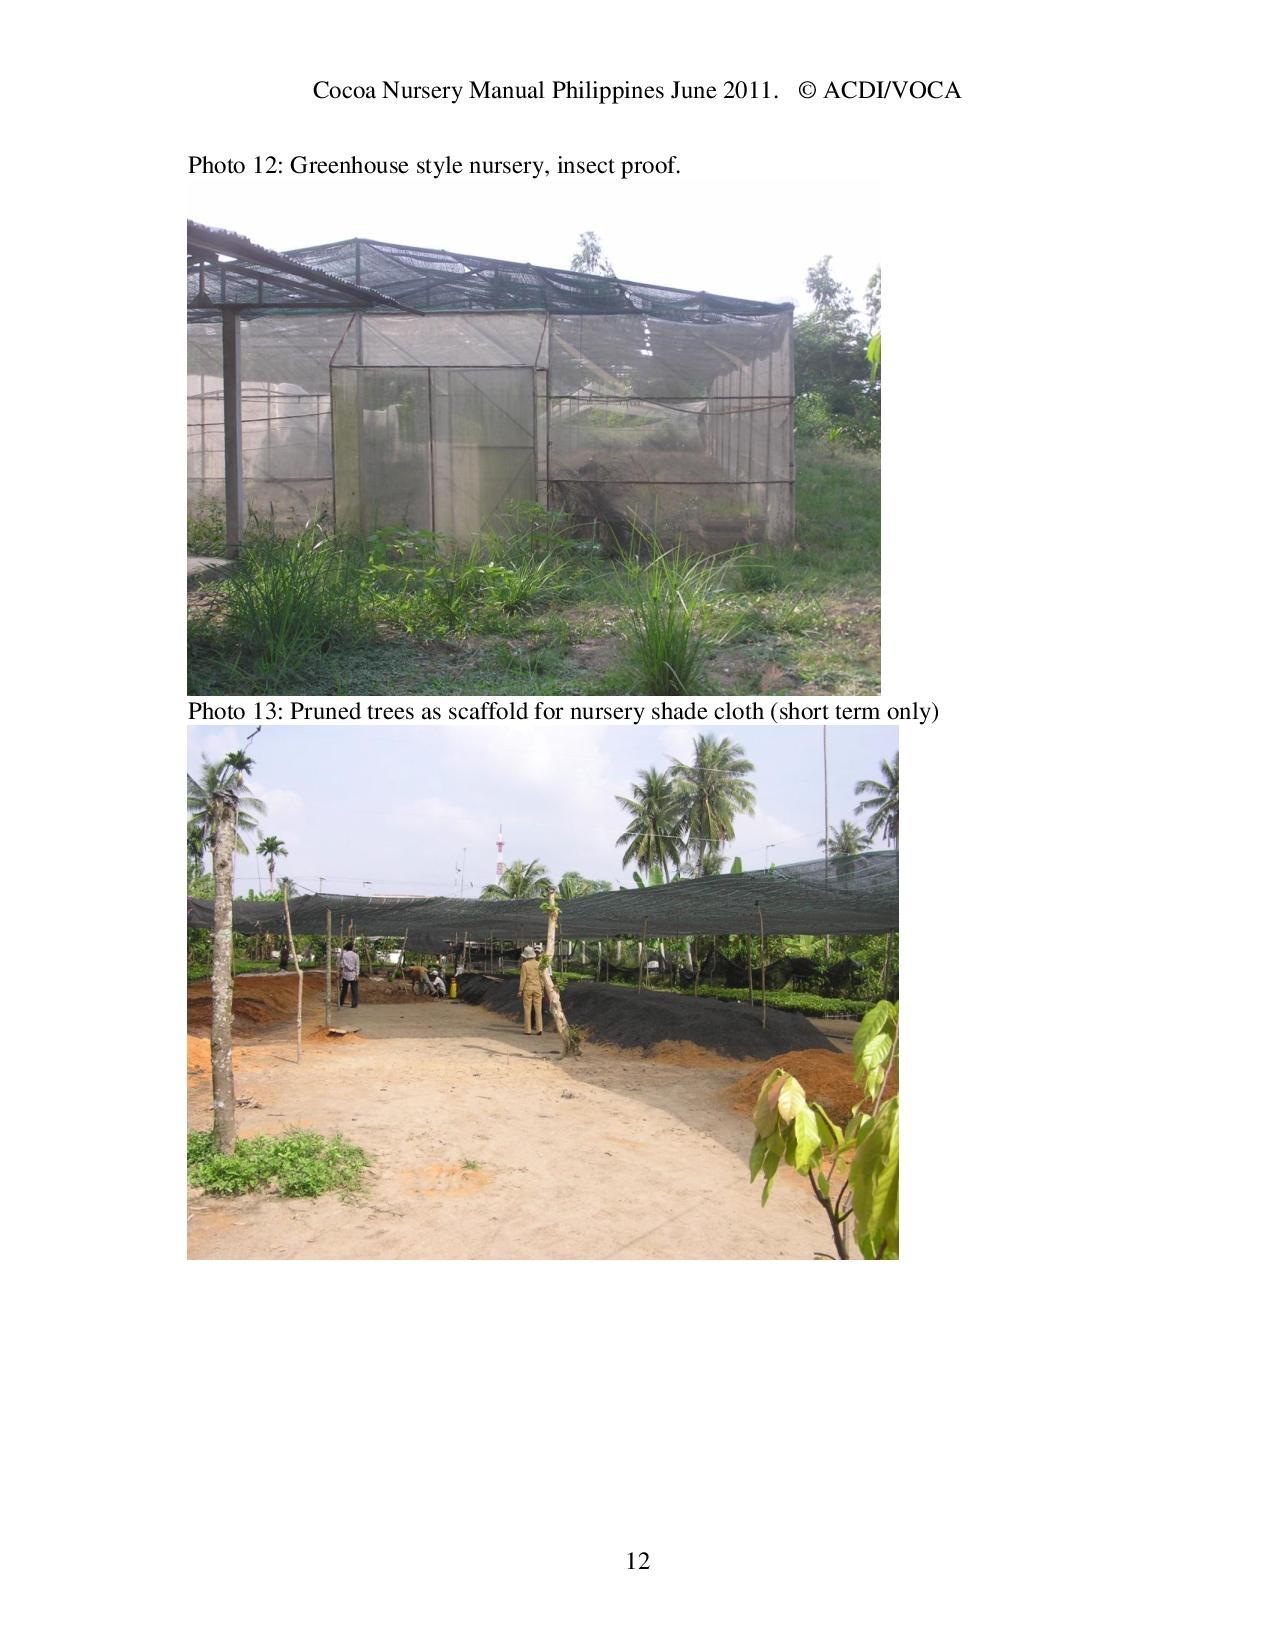 Cocoa-Nursery-Manual-2011_acdi-voca-page-012